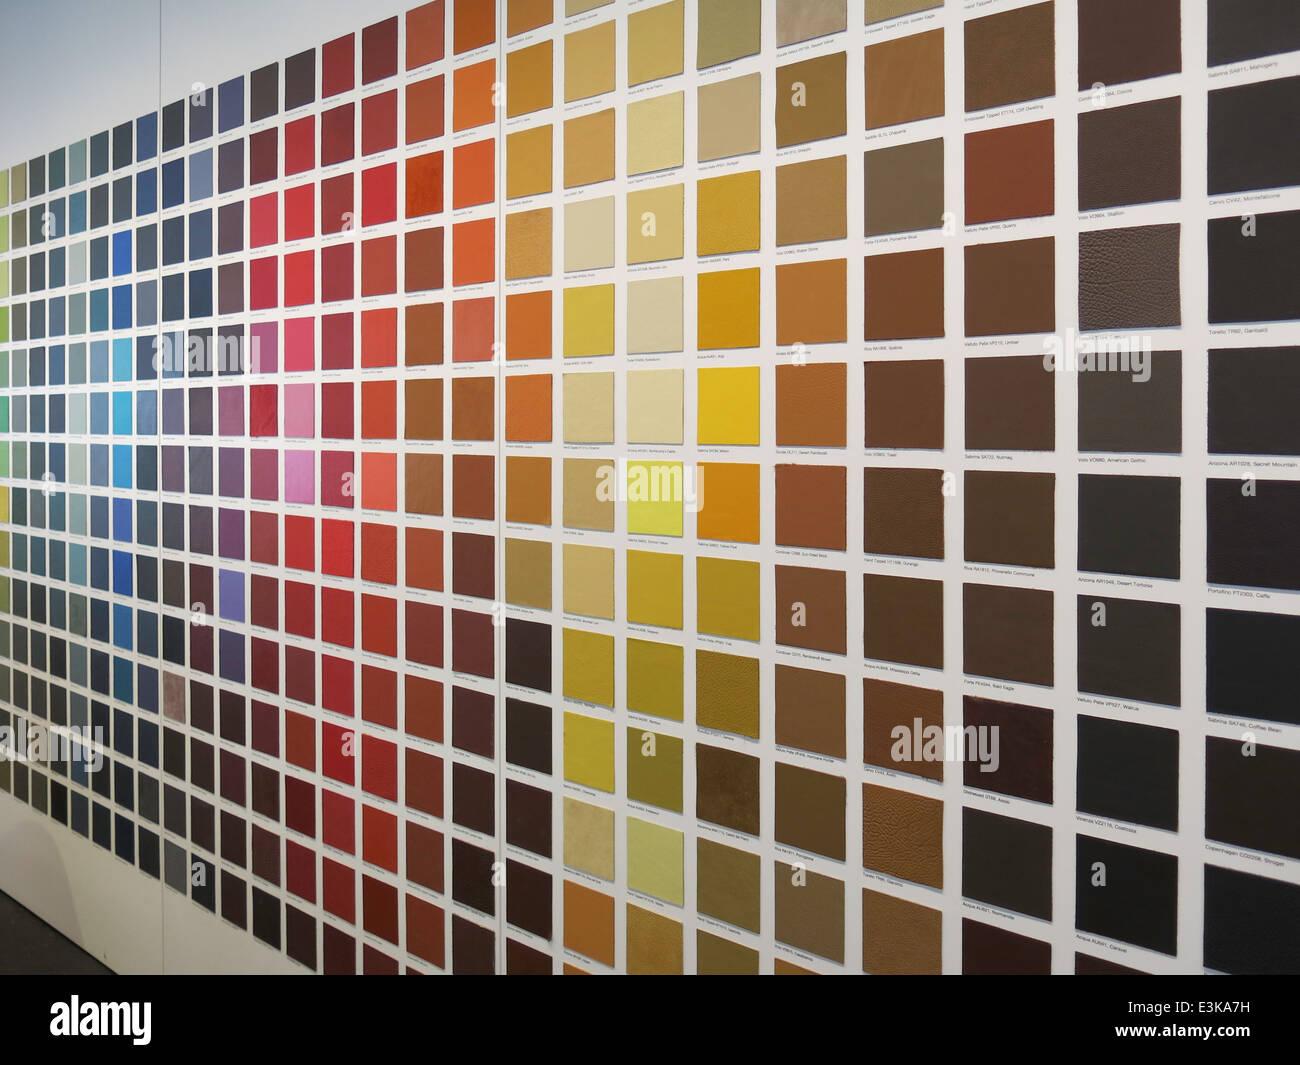 Color Sample Wall Display